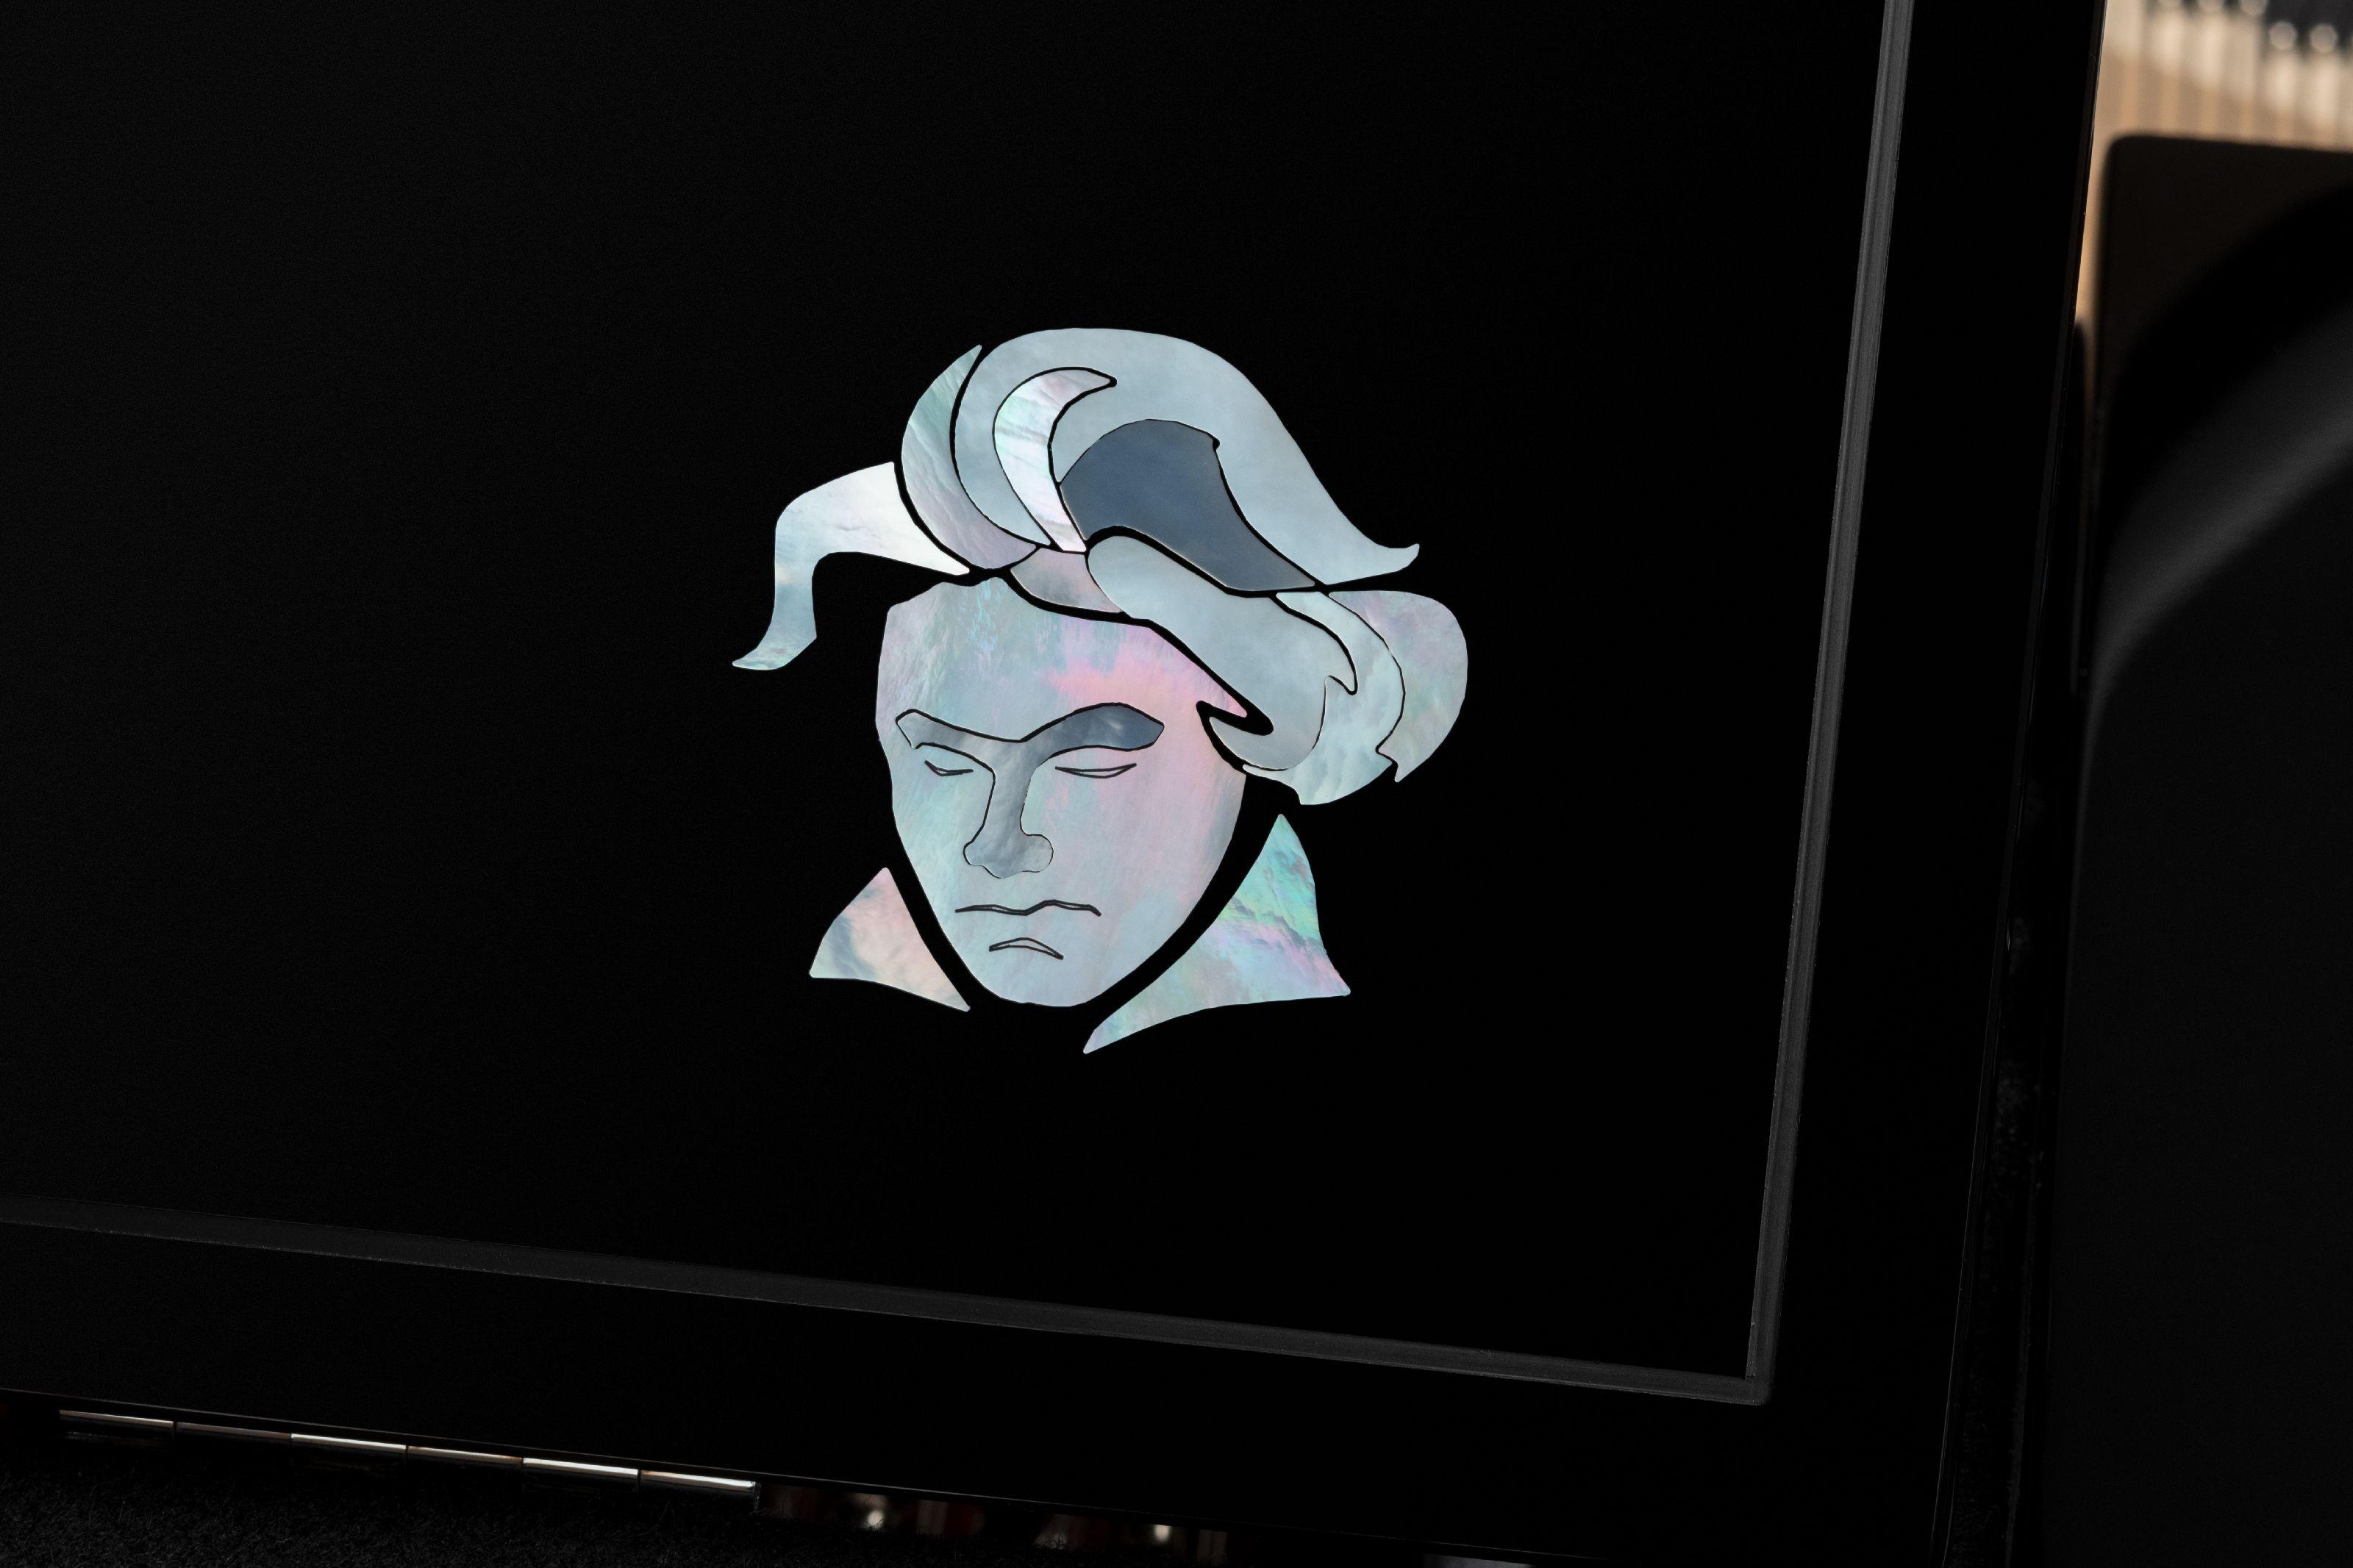 ベーゼンドルファー『ベートーヴェン生誕250周年記念モデル』